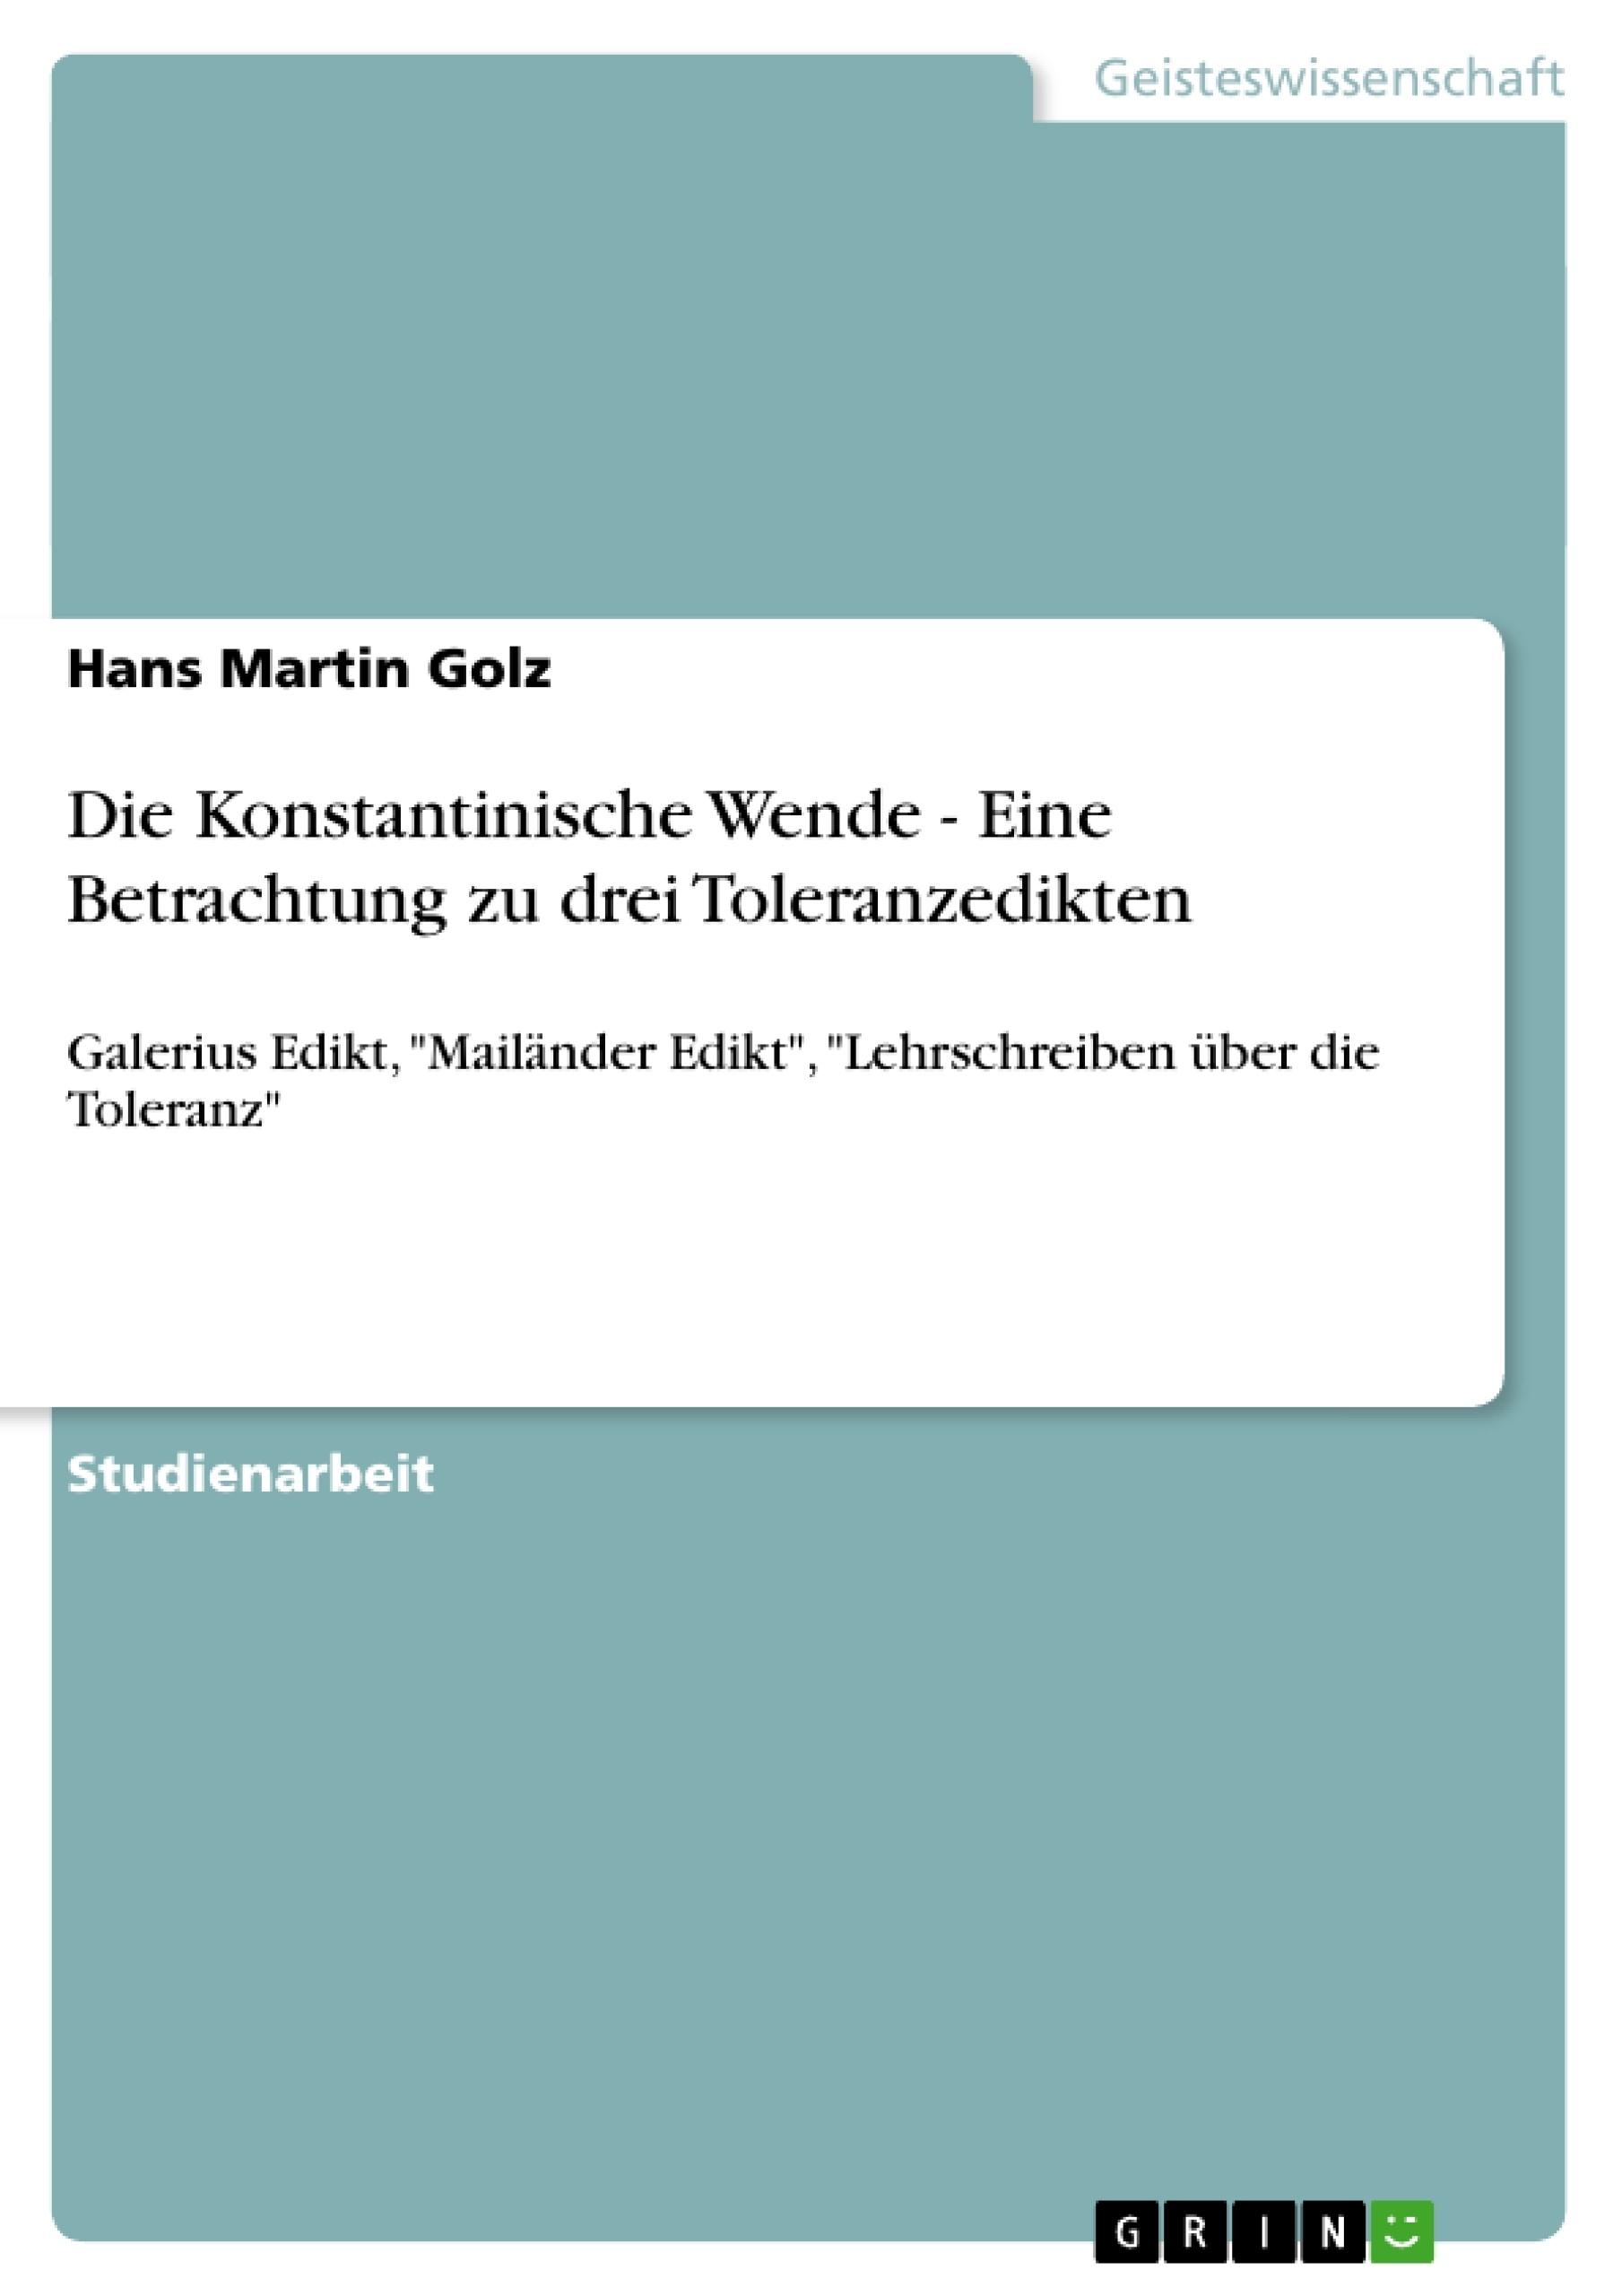 Titel: Die Konstantinische Wende - Eine Betrachtung zu drei Toleranzedikten